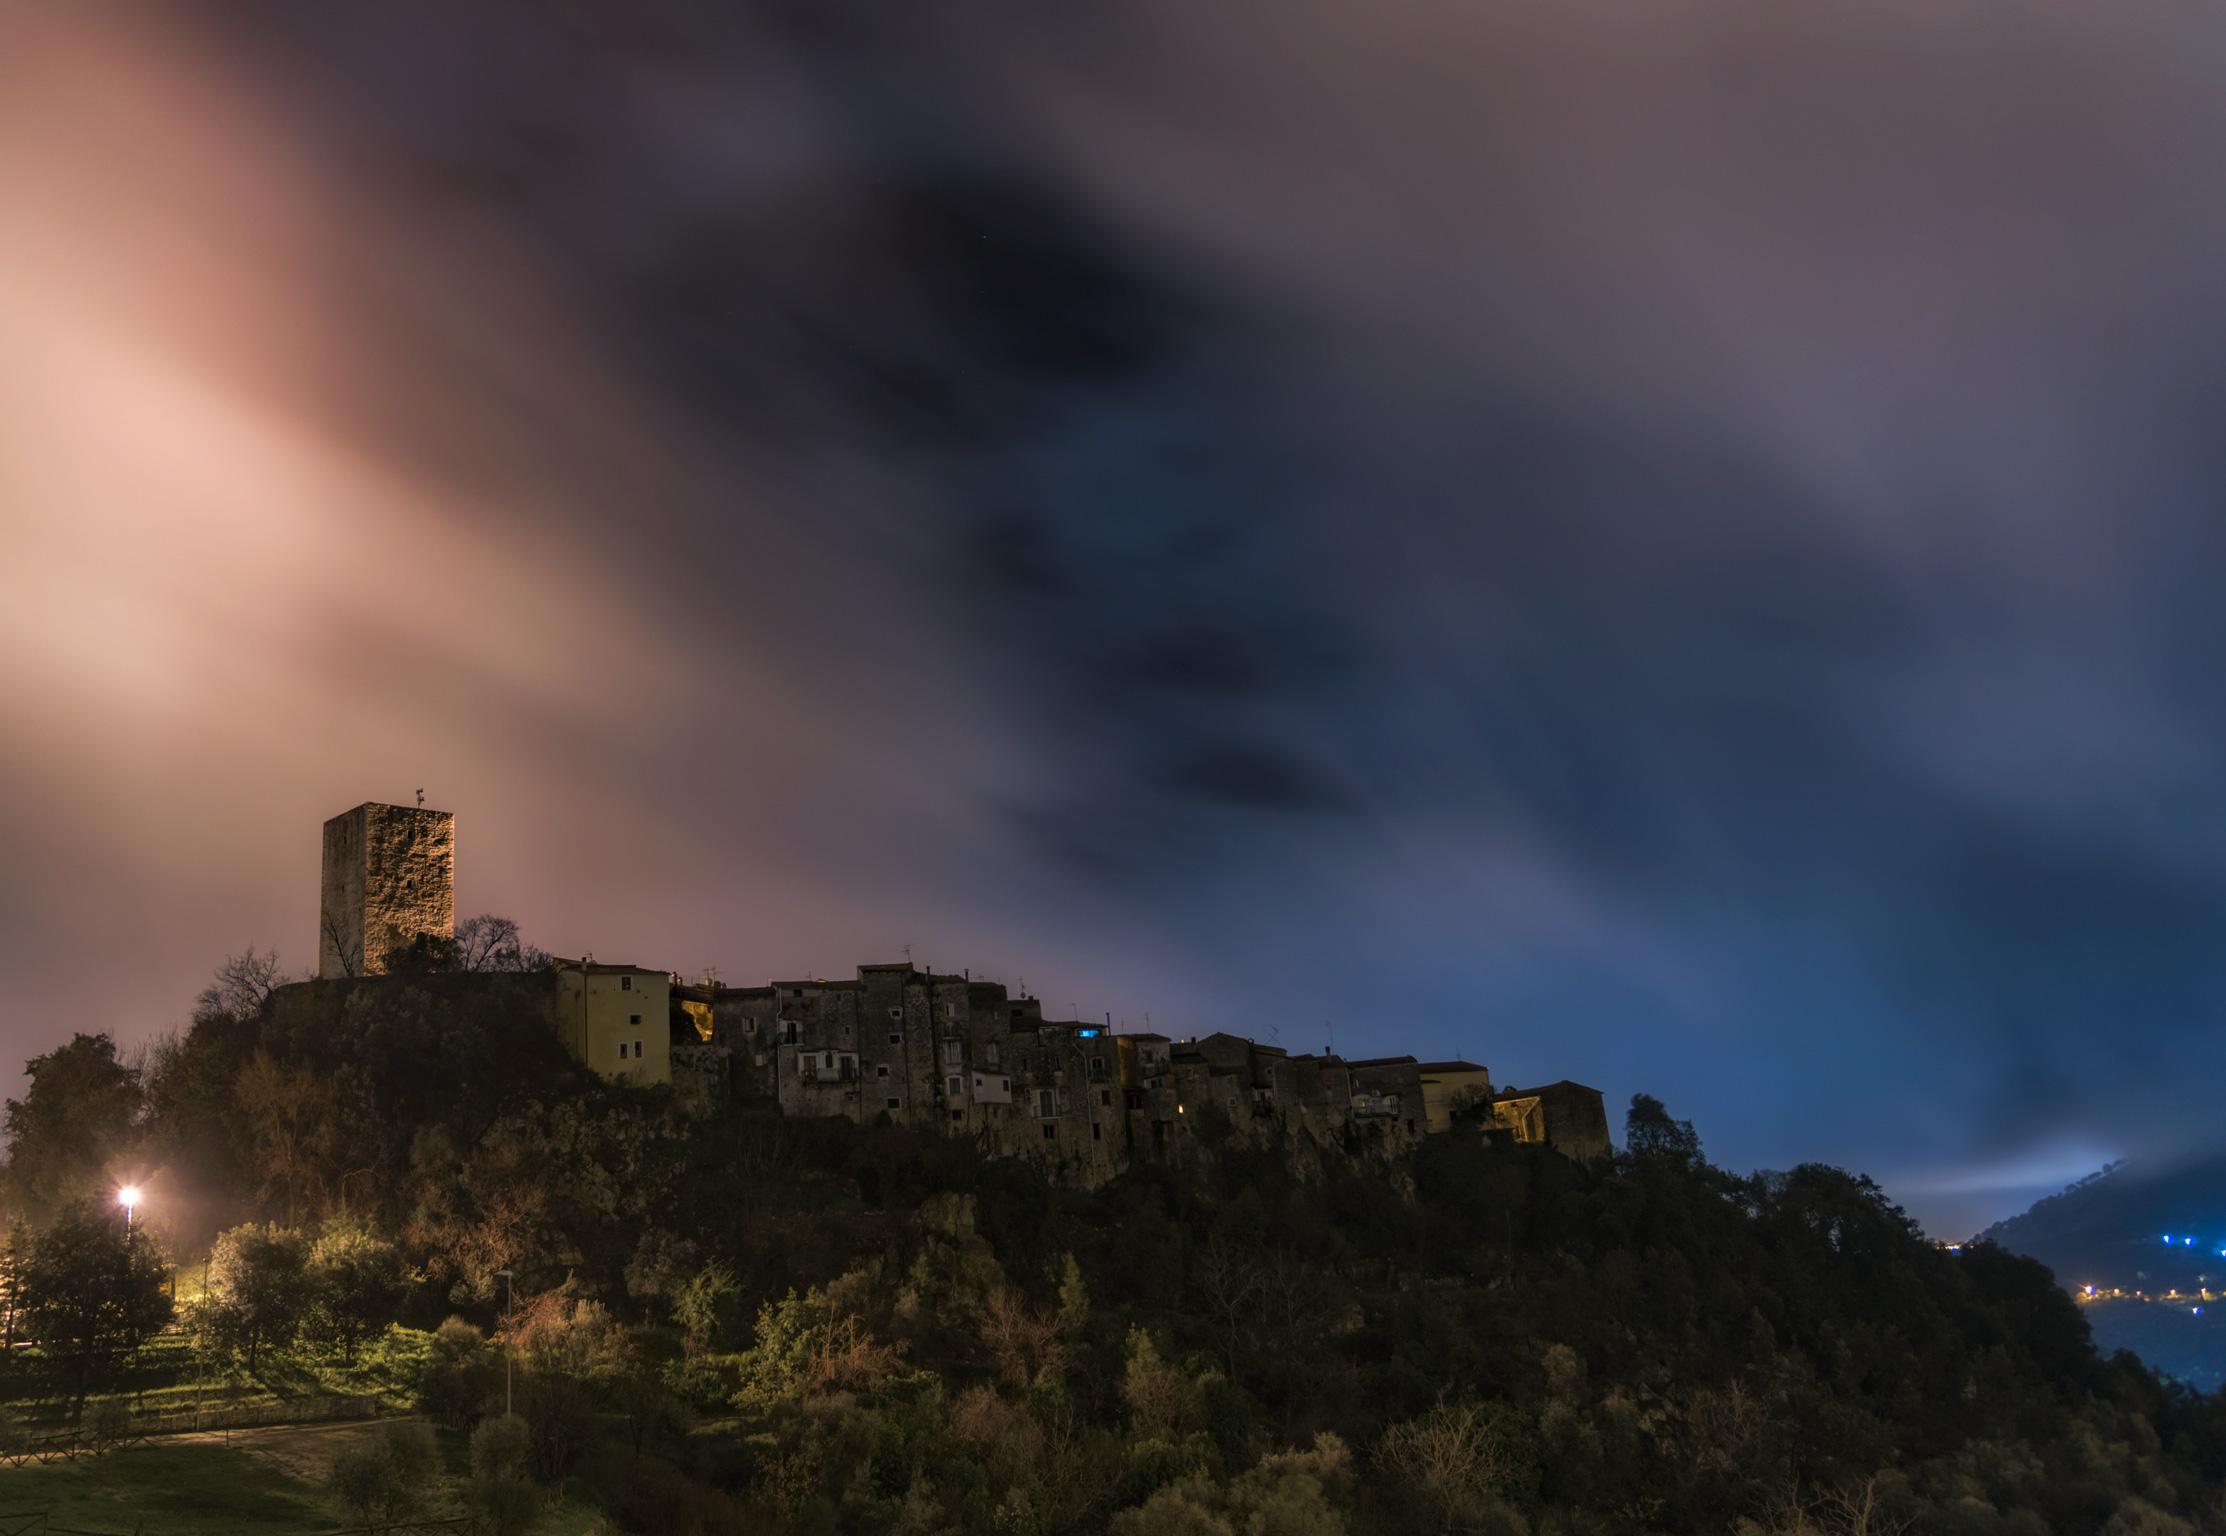 Il borgo di Maranola visto da dietro in una serata nebbiosa